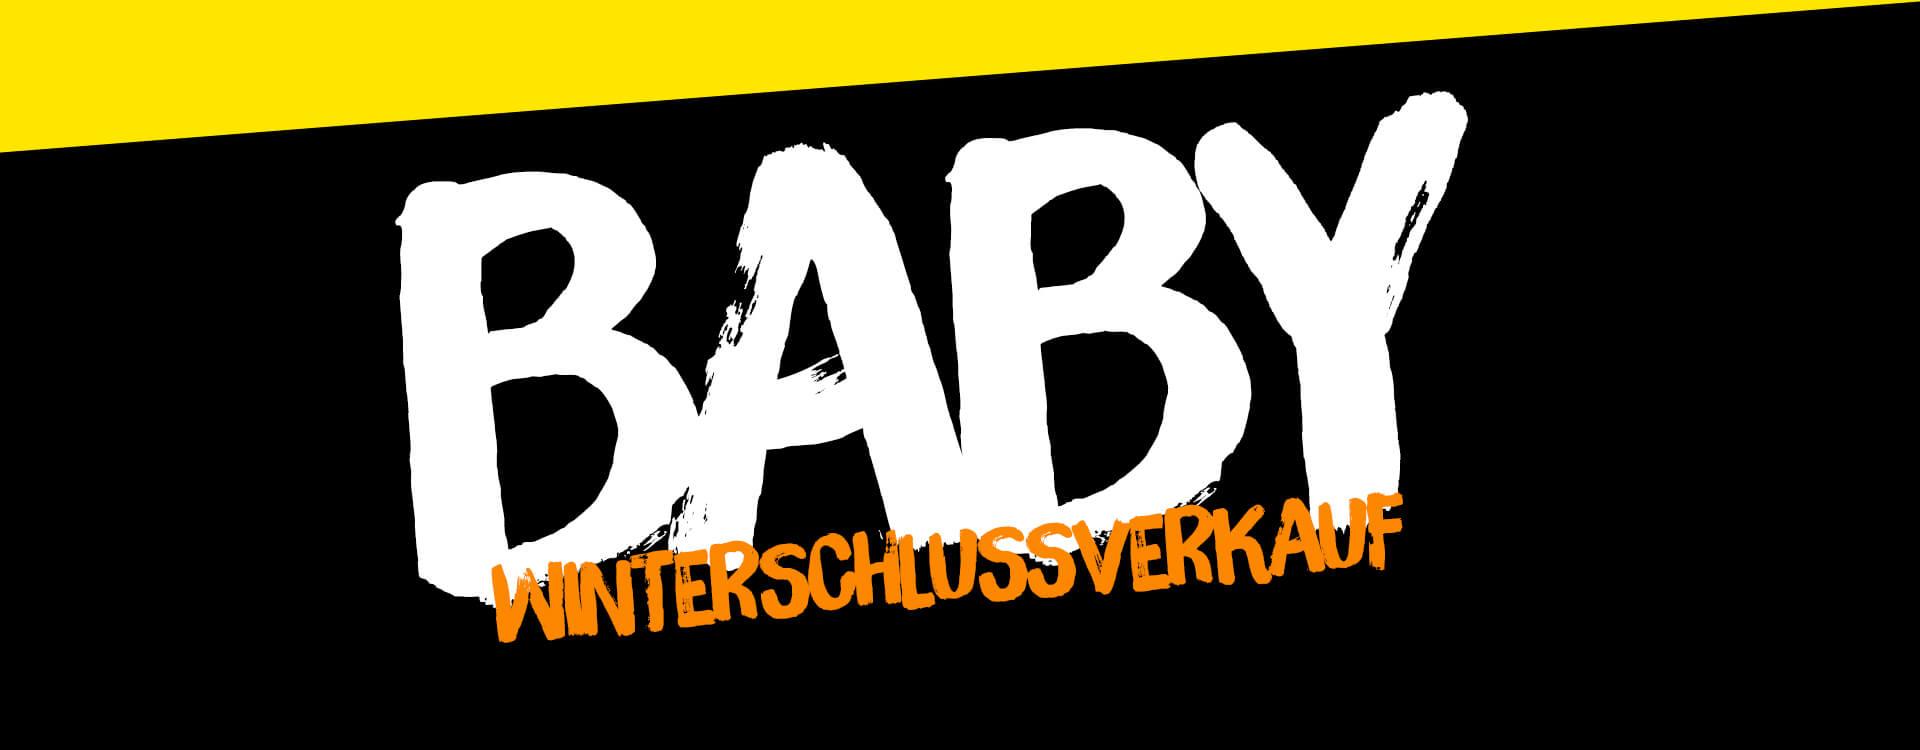 Onlineshop-Kategorieb-hnen-Desktop-1920x750px_WSV-Baby